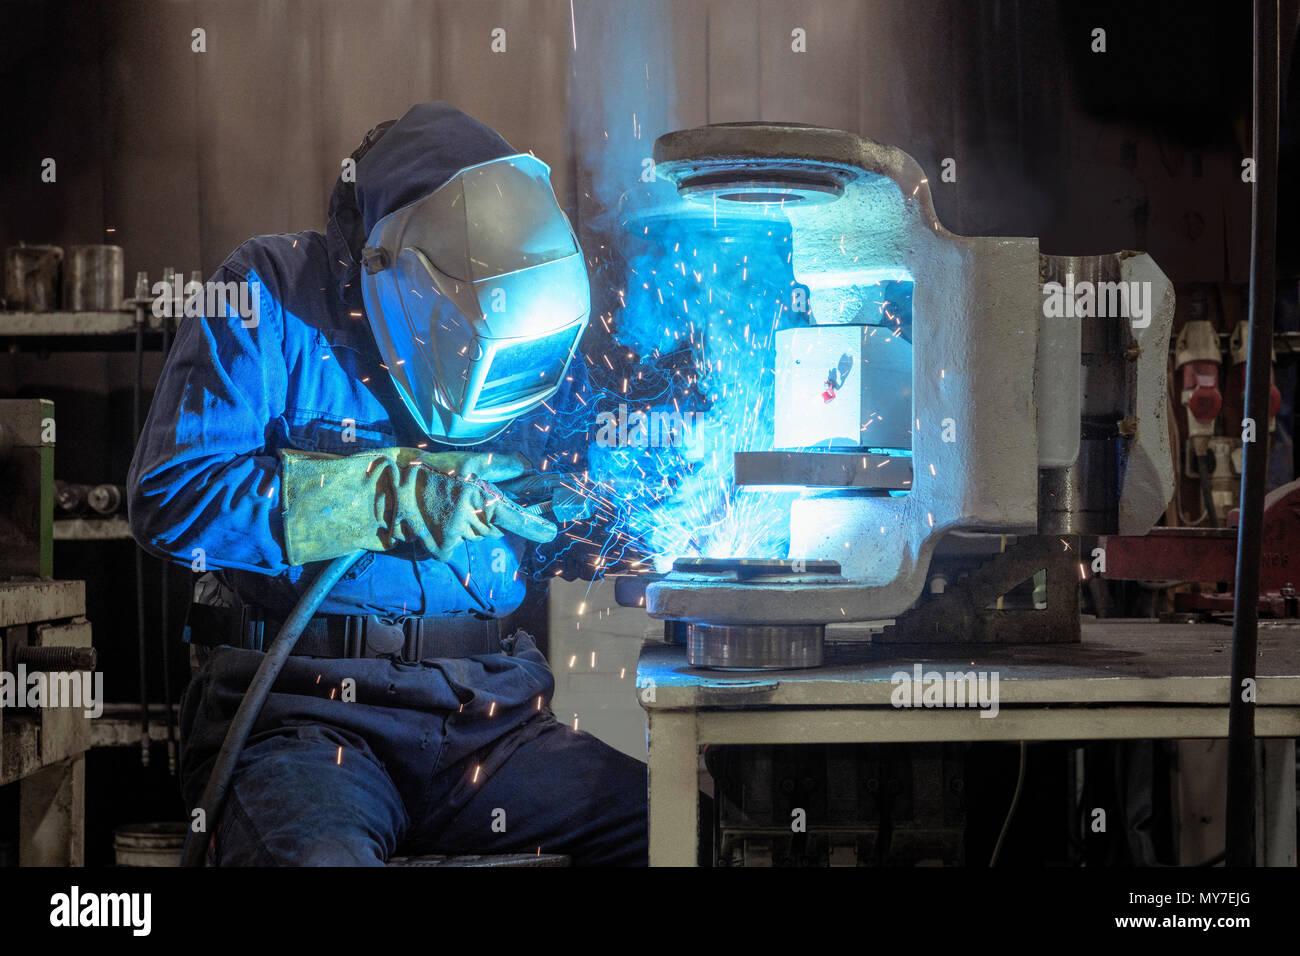 Welder working in engineering factory - Stock Image